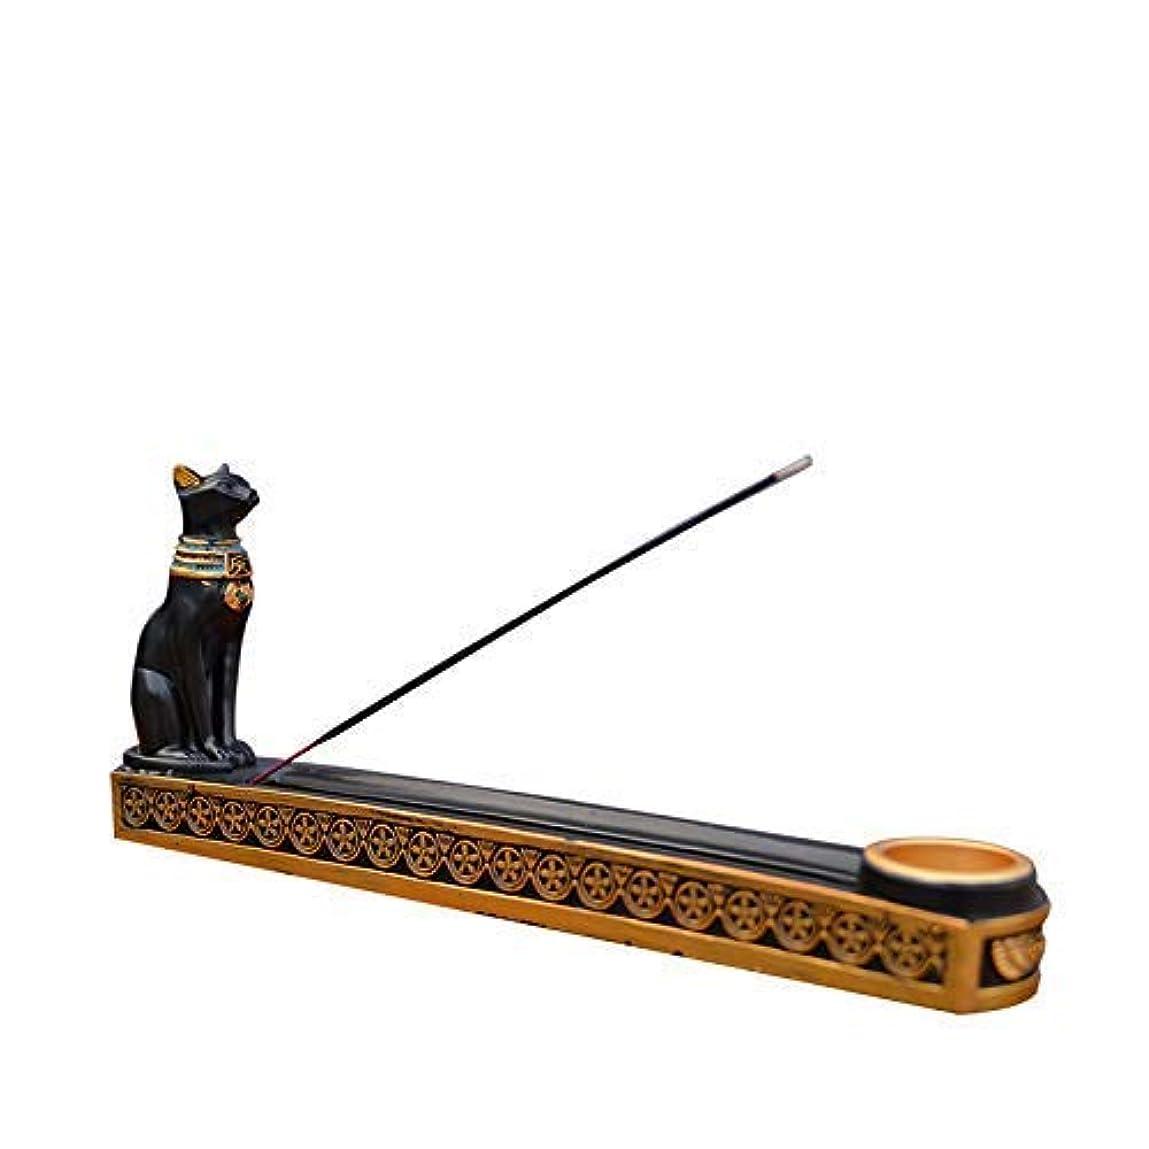 手紙を書くどこでも弱めるtonntyann 横置き お香立て ボックス 猫 寝かせ スティックおしゃれ 線香立て お香 古代エジプト風 バステト神 アロマ お香 横置き ヒエログリフ ネ